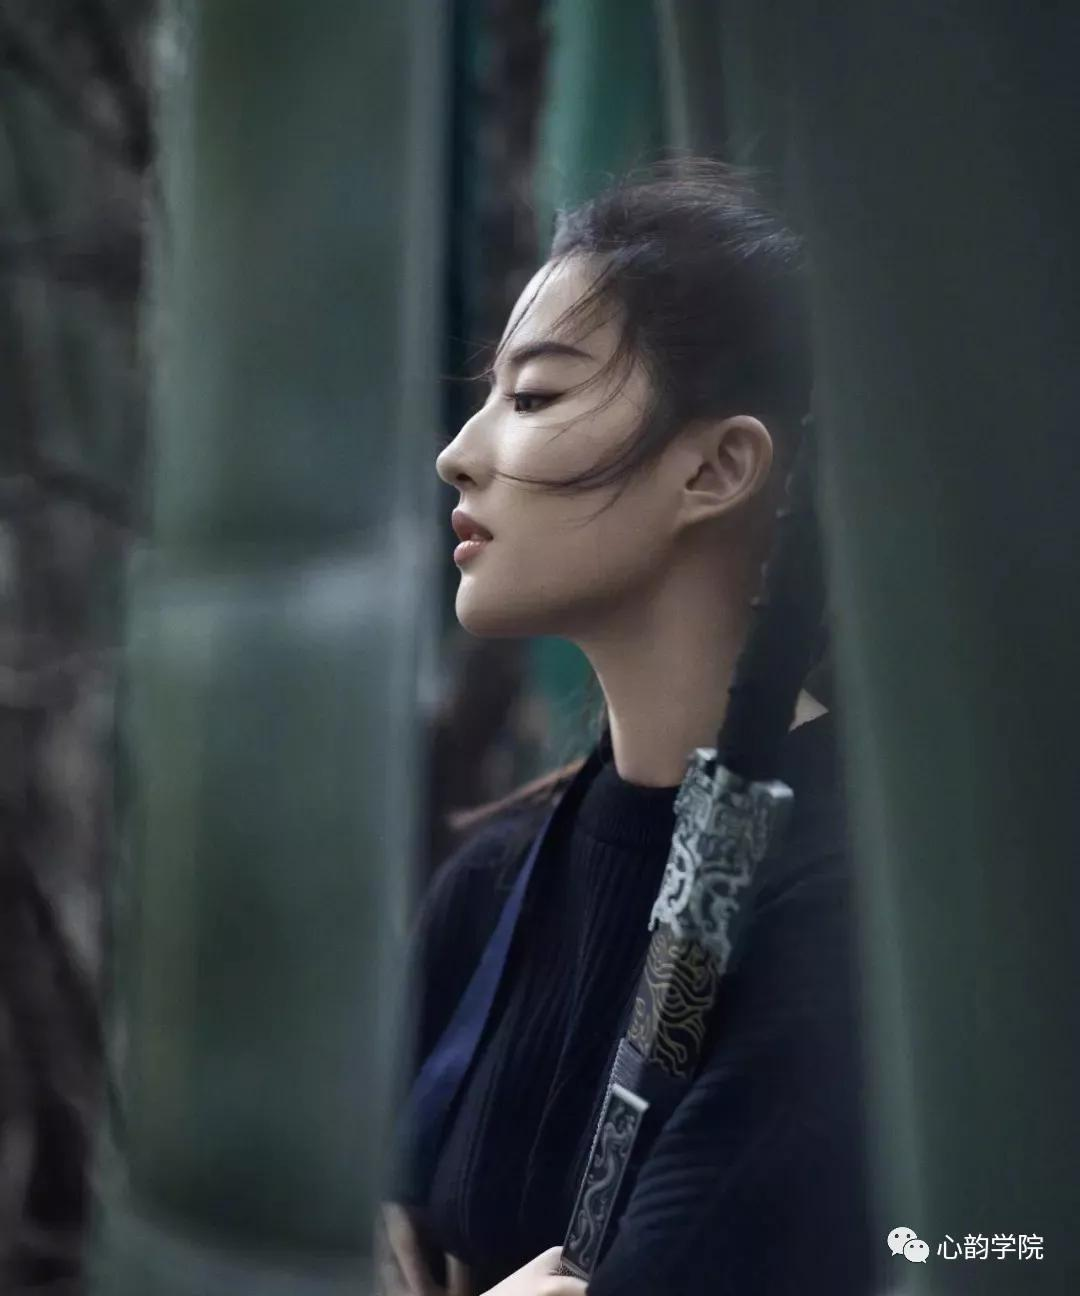 刘亦菲饰演花木兰:刚柔并济,才是一个女人最顶级的魅力